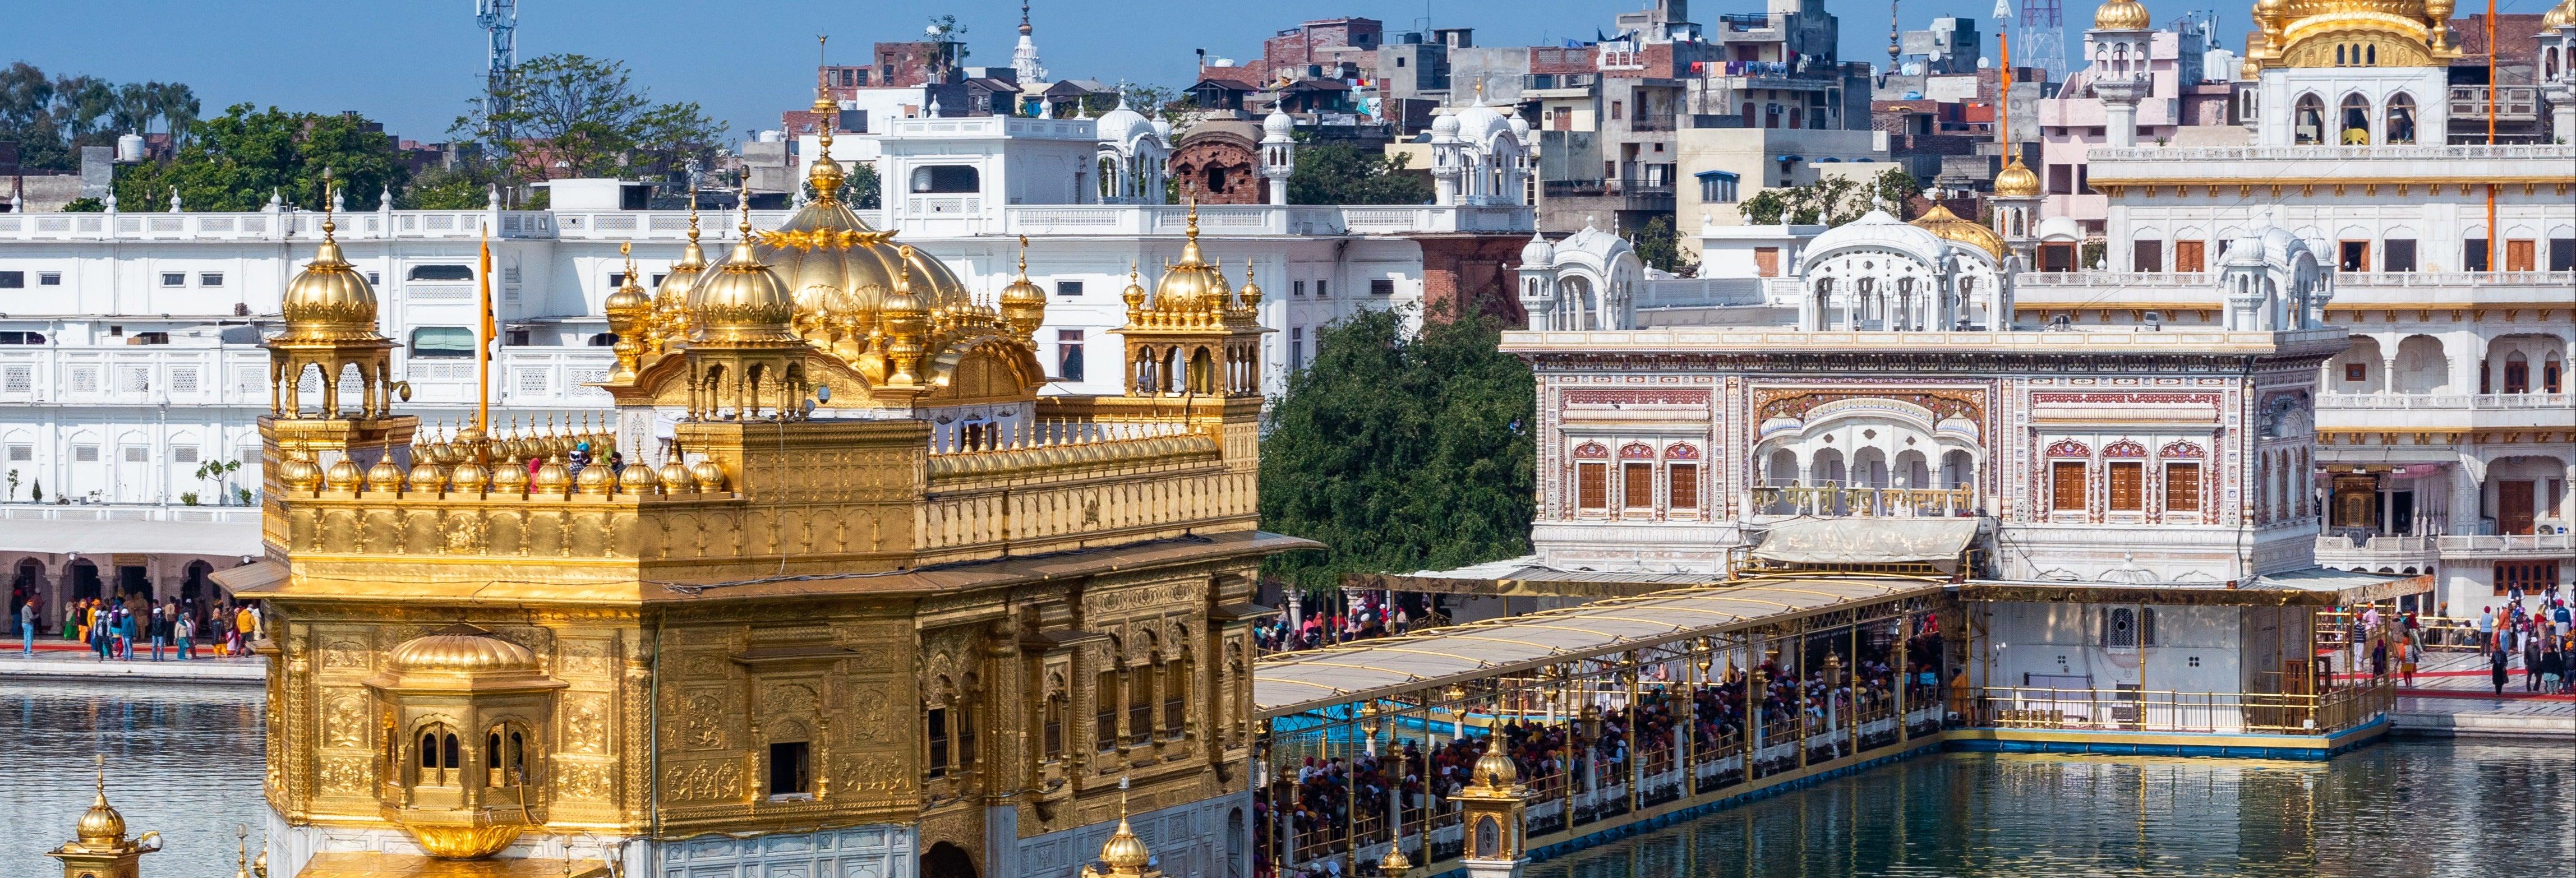 Visita guiada por Amritsar e seus templos